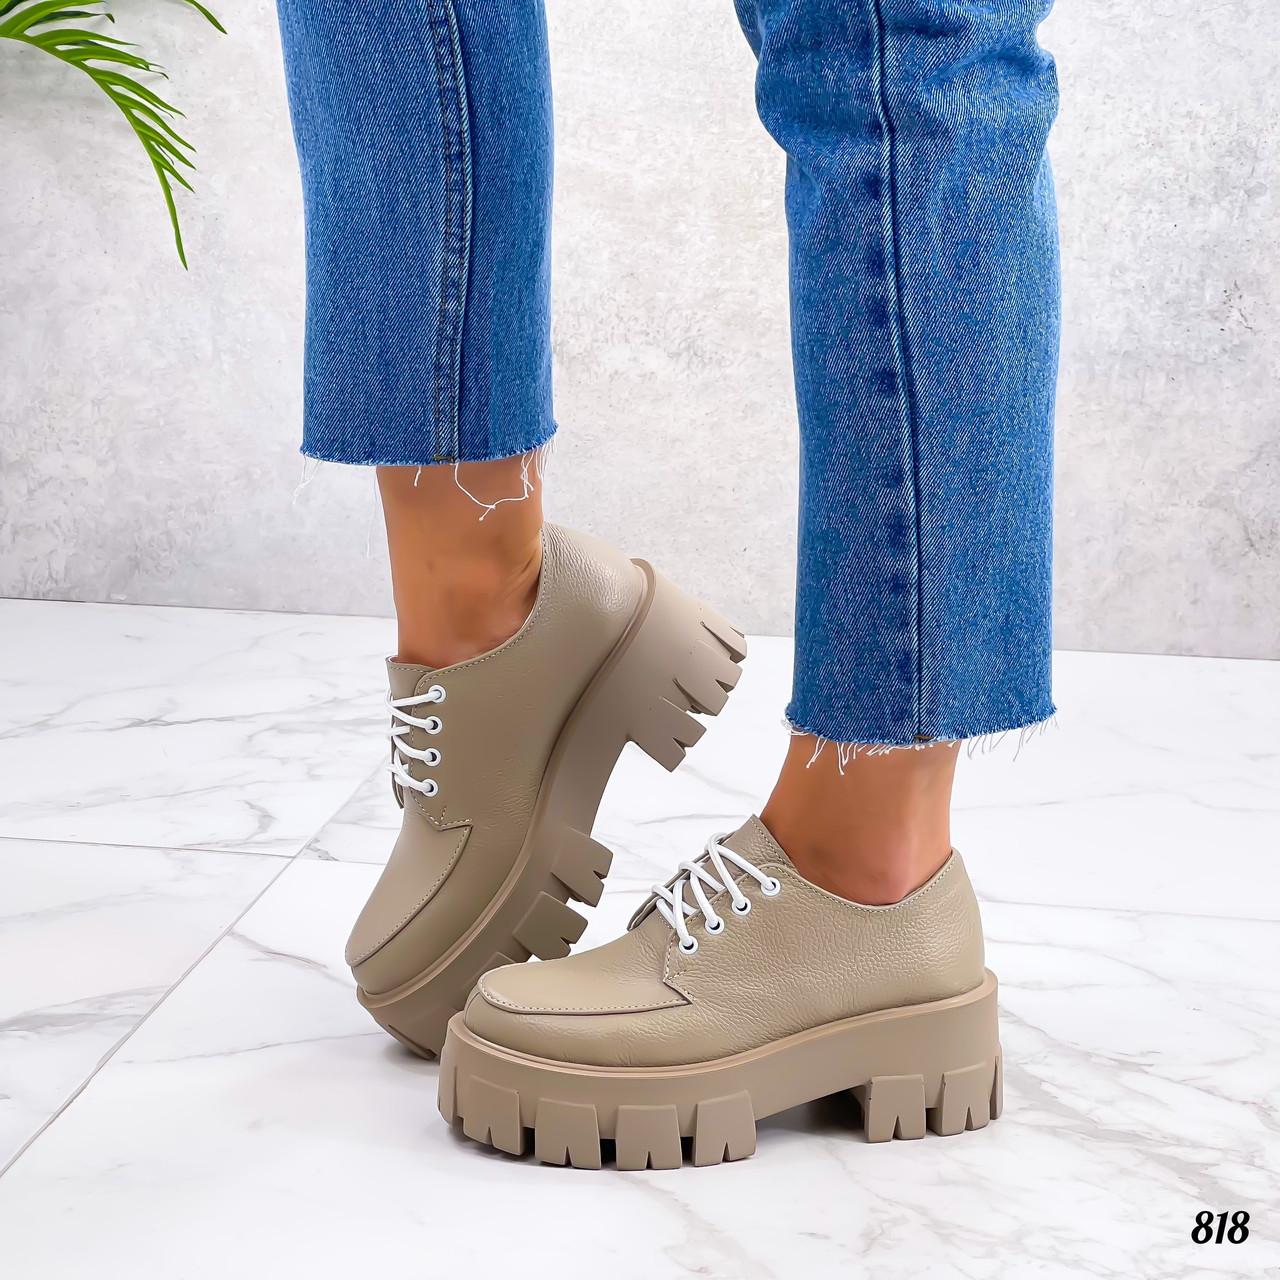 Туфли / броги женские бежевые натуральная кожа